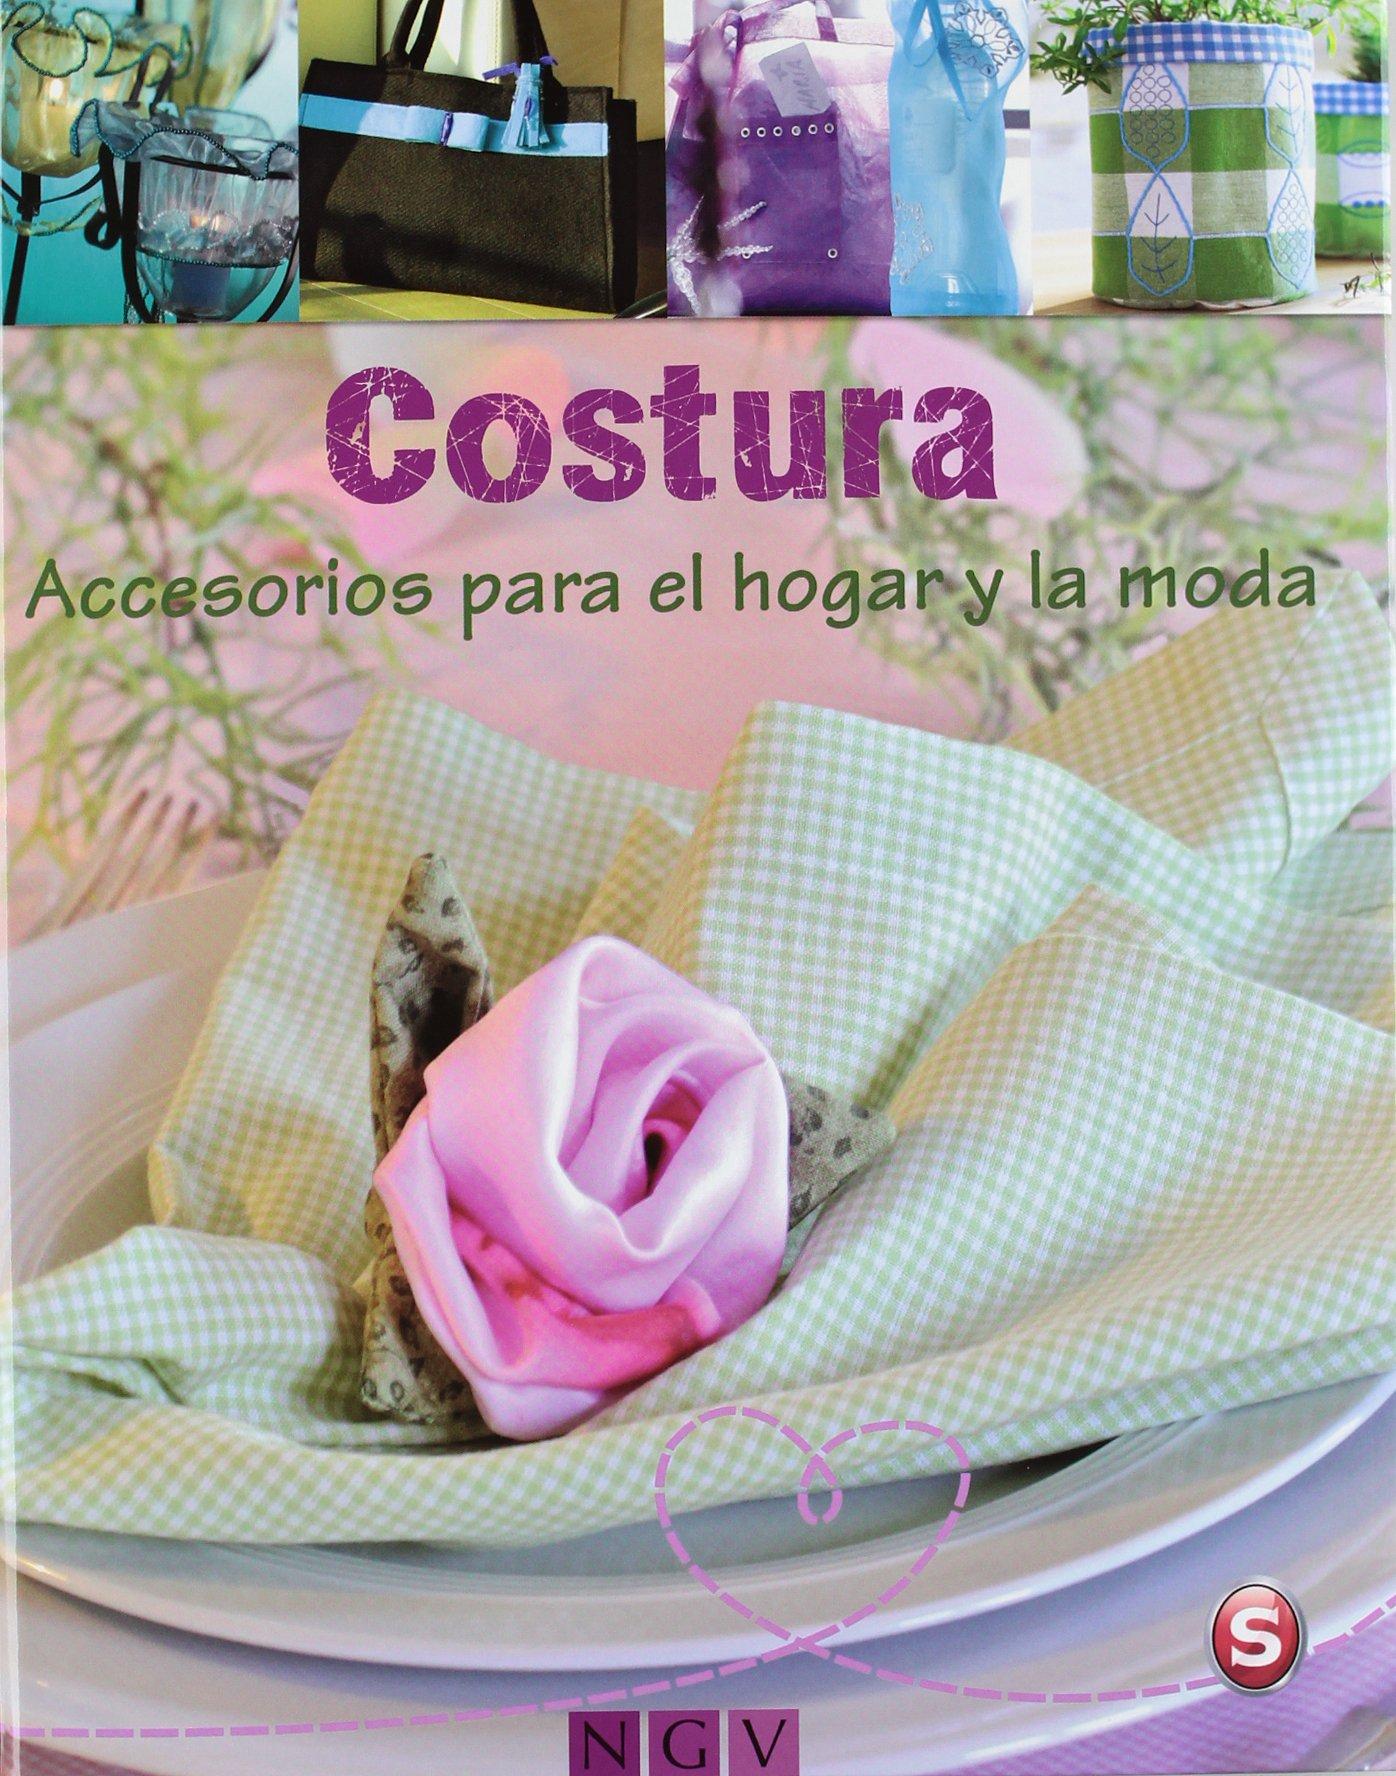 COSTURA:ACCESORIOS HOGAR Y MODA (Castilian) Paperback – 2013